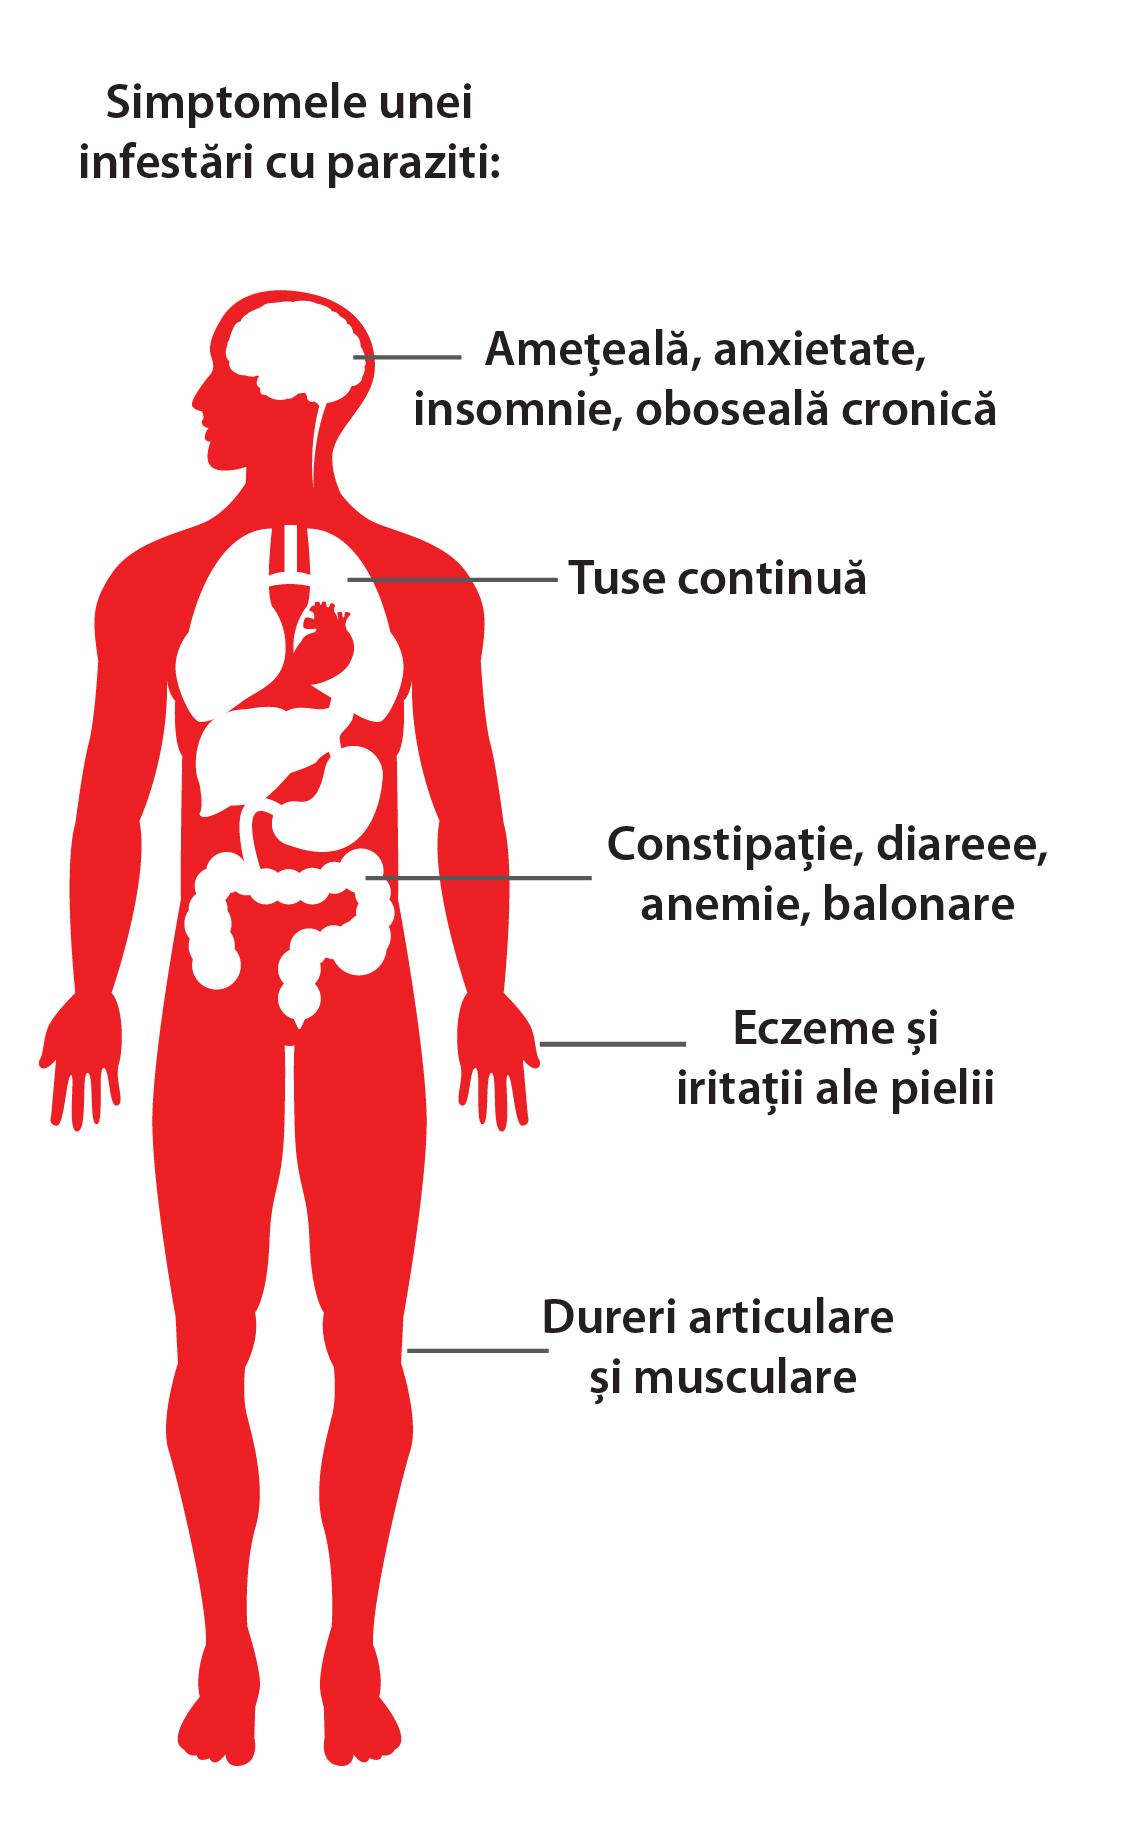 Viermi și reacții alergice, Paraziți Intestinali – Cel mai bun tratament ne-medicamentos, naturist